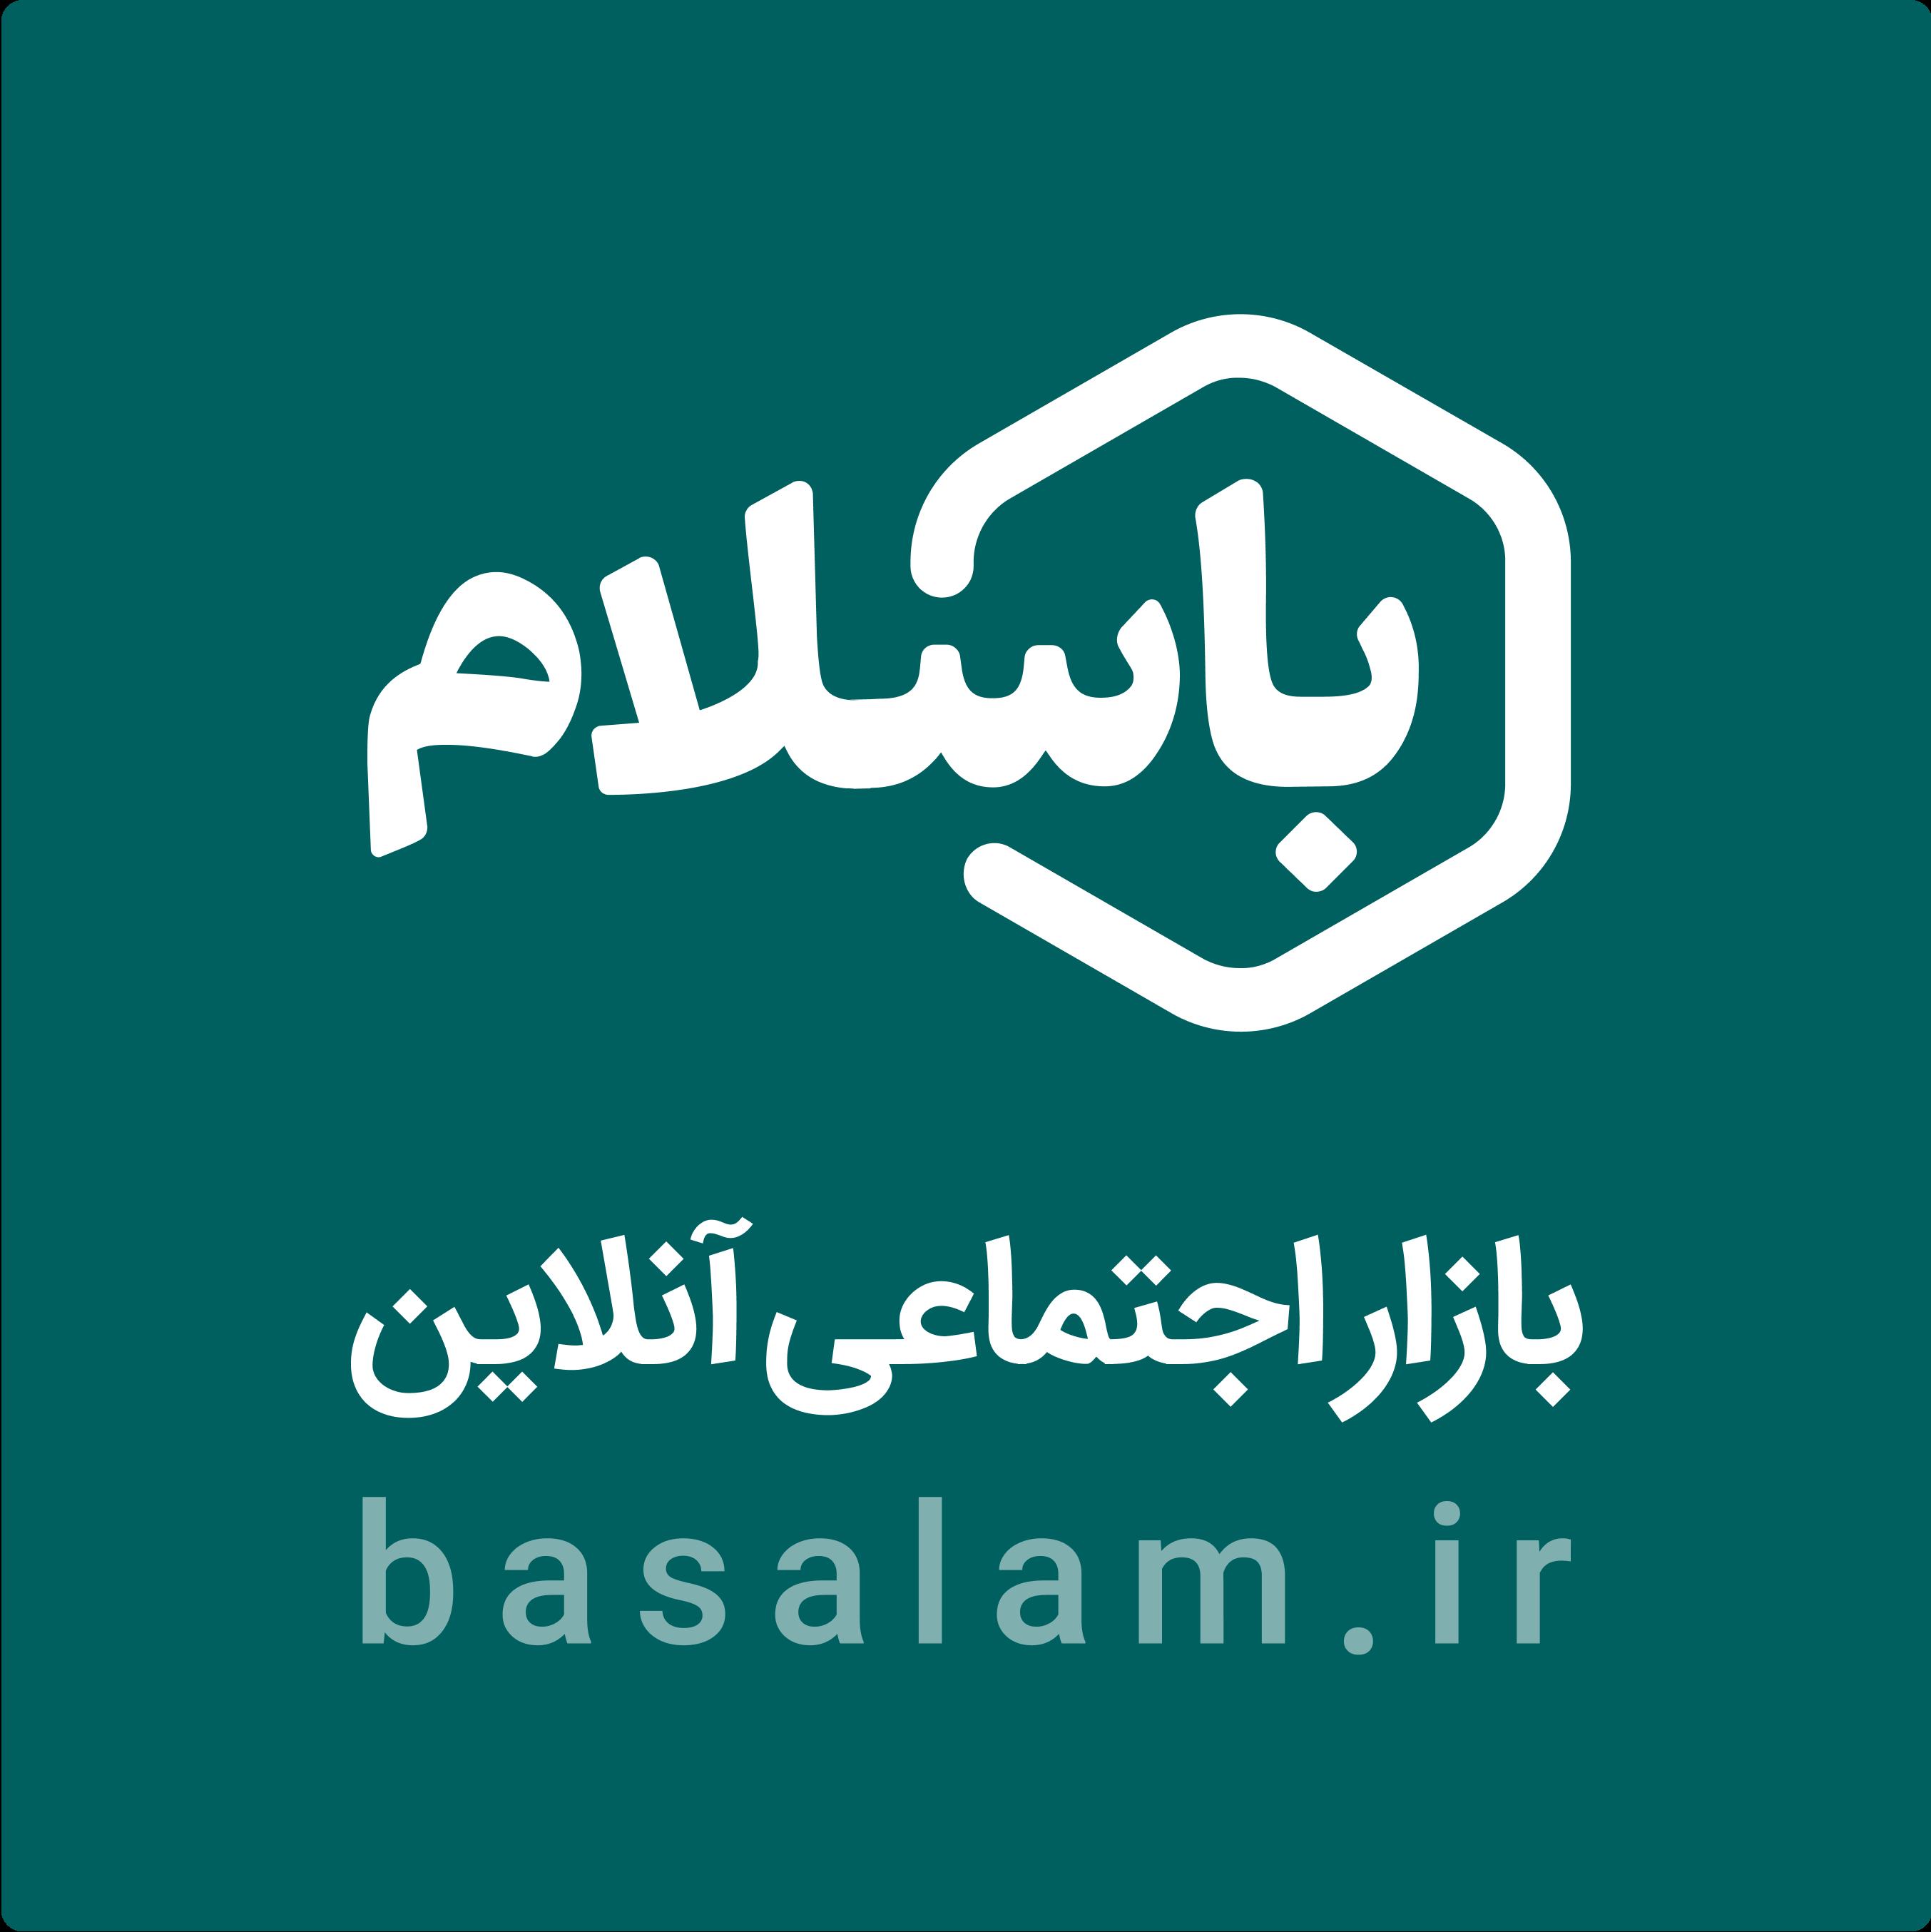 بازار اجتماعی «باسلام»